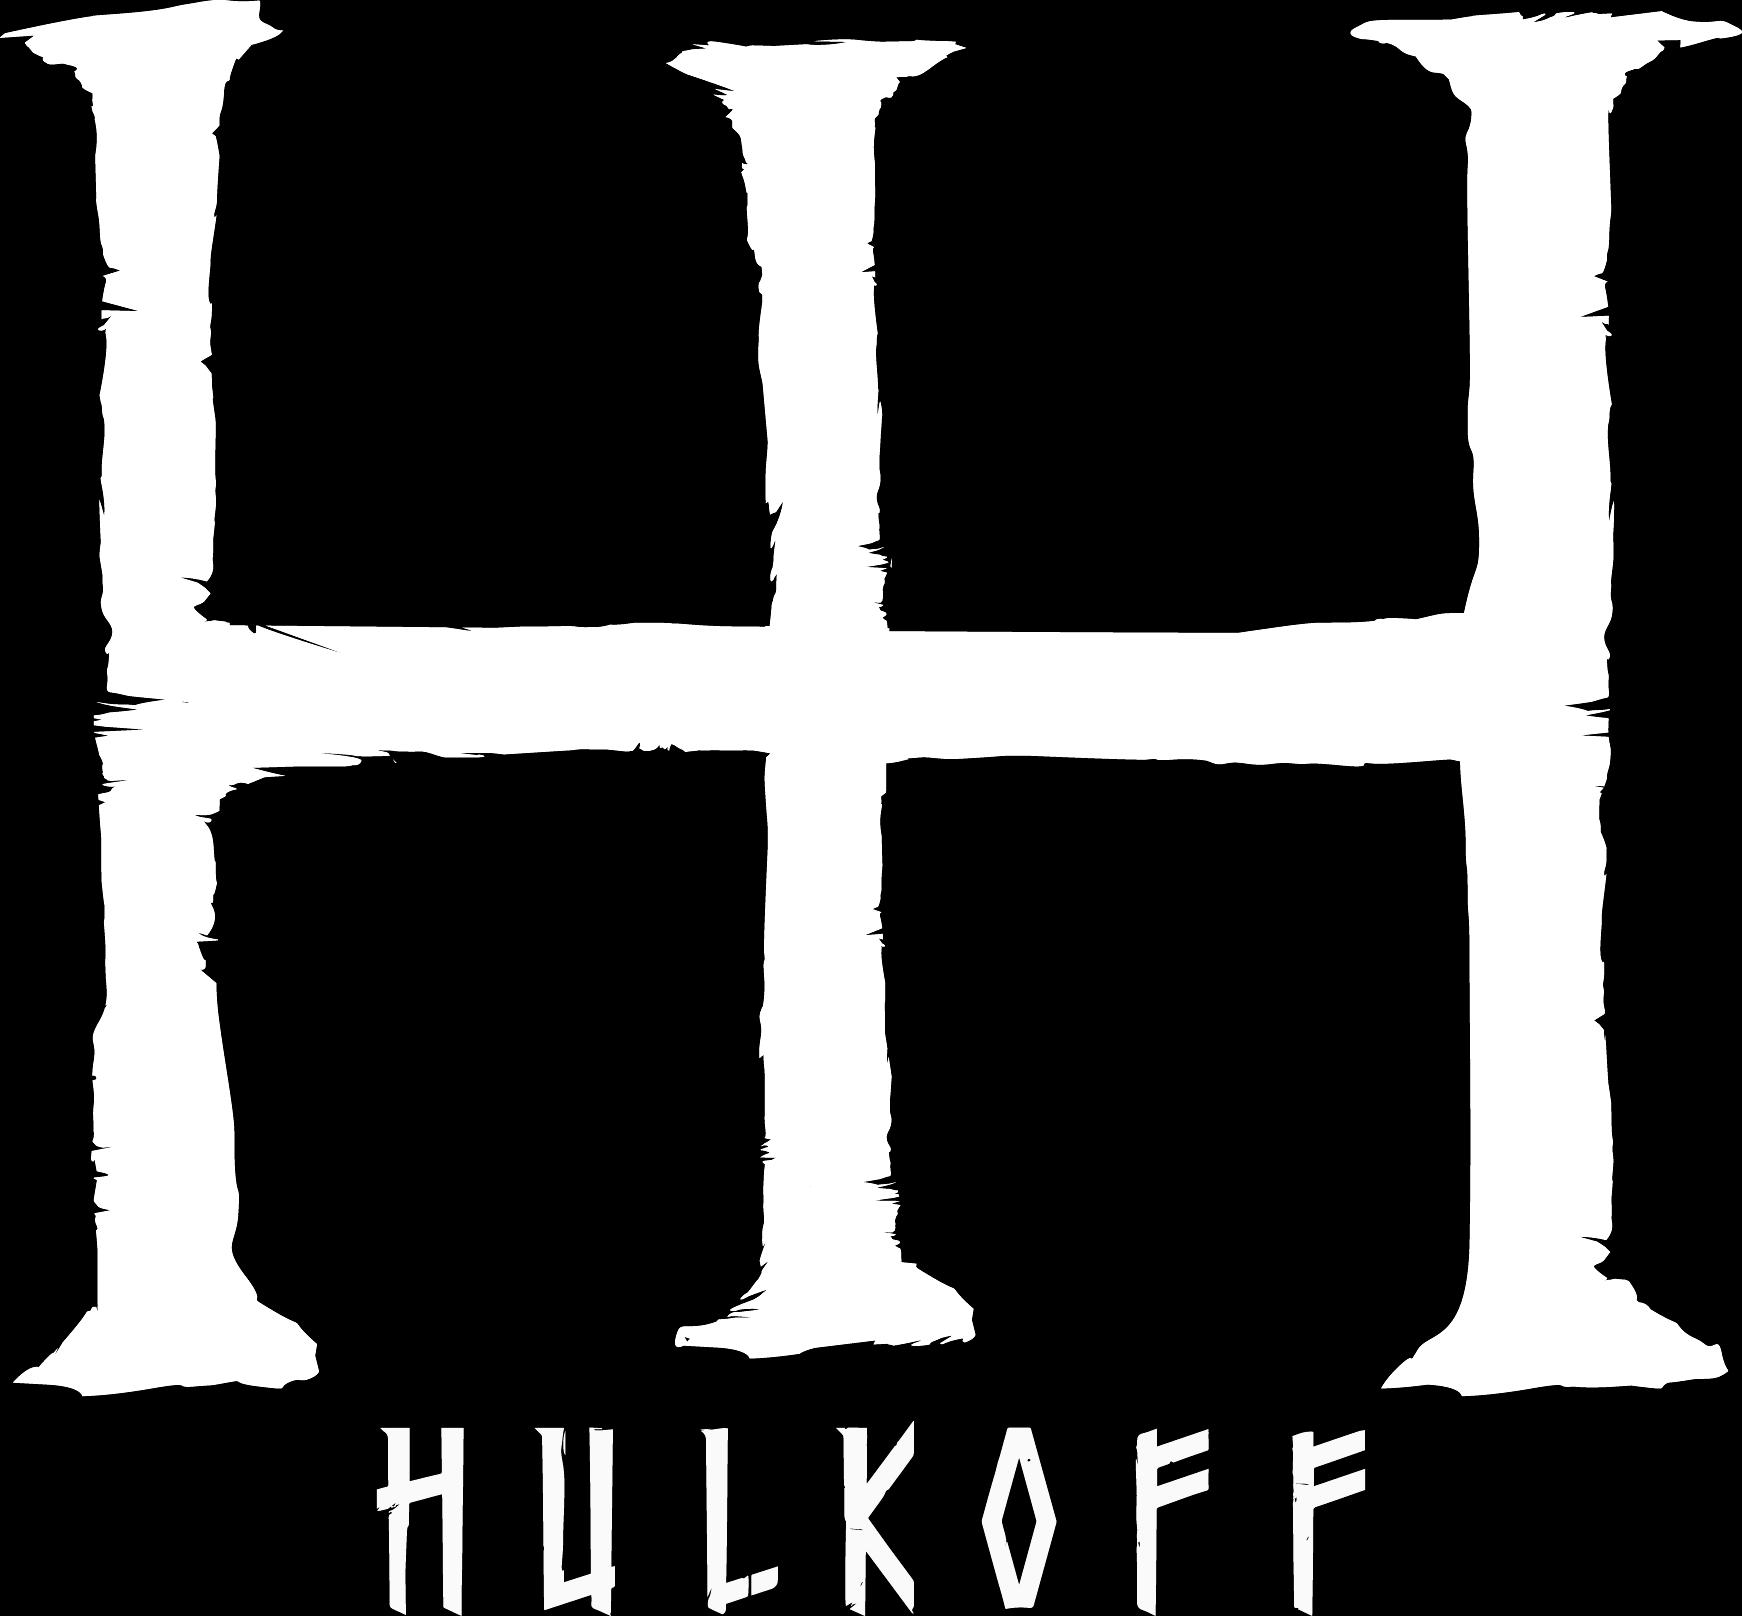 Hulkoff - Logo